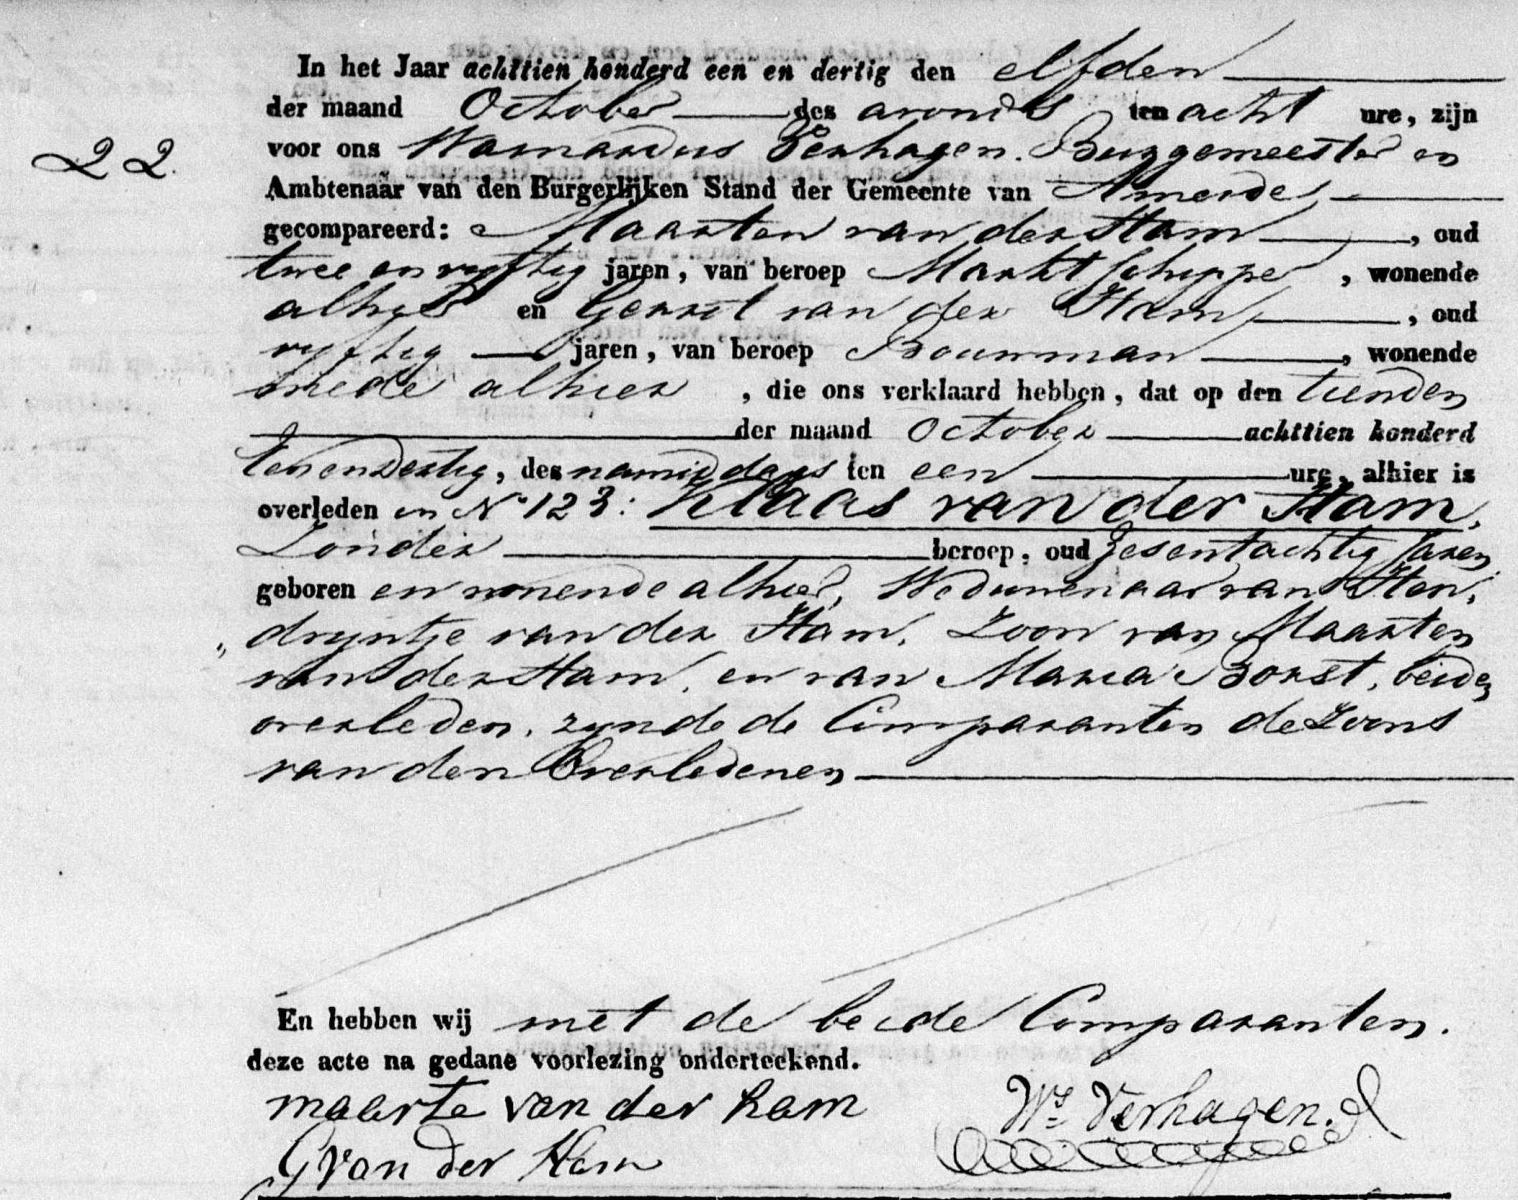 Ham-Claes-van-der-Overlijden-10-10-1831-Ameide